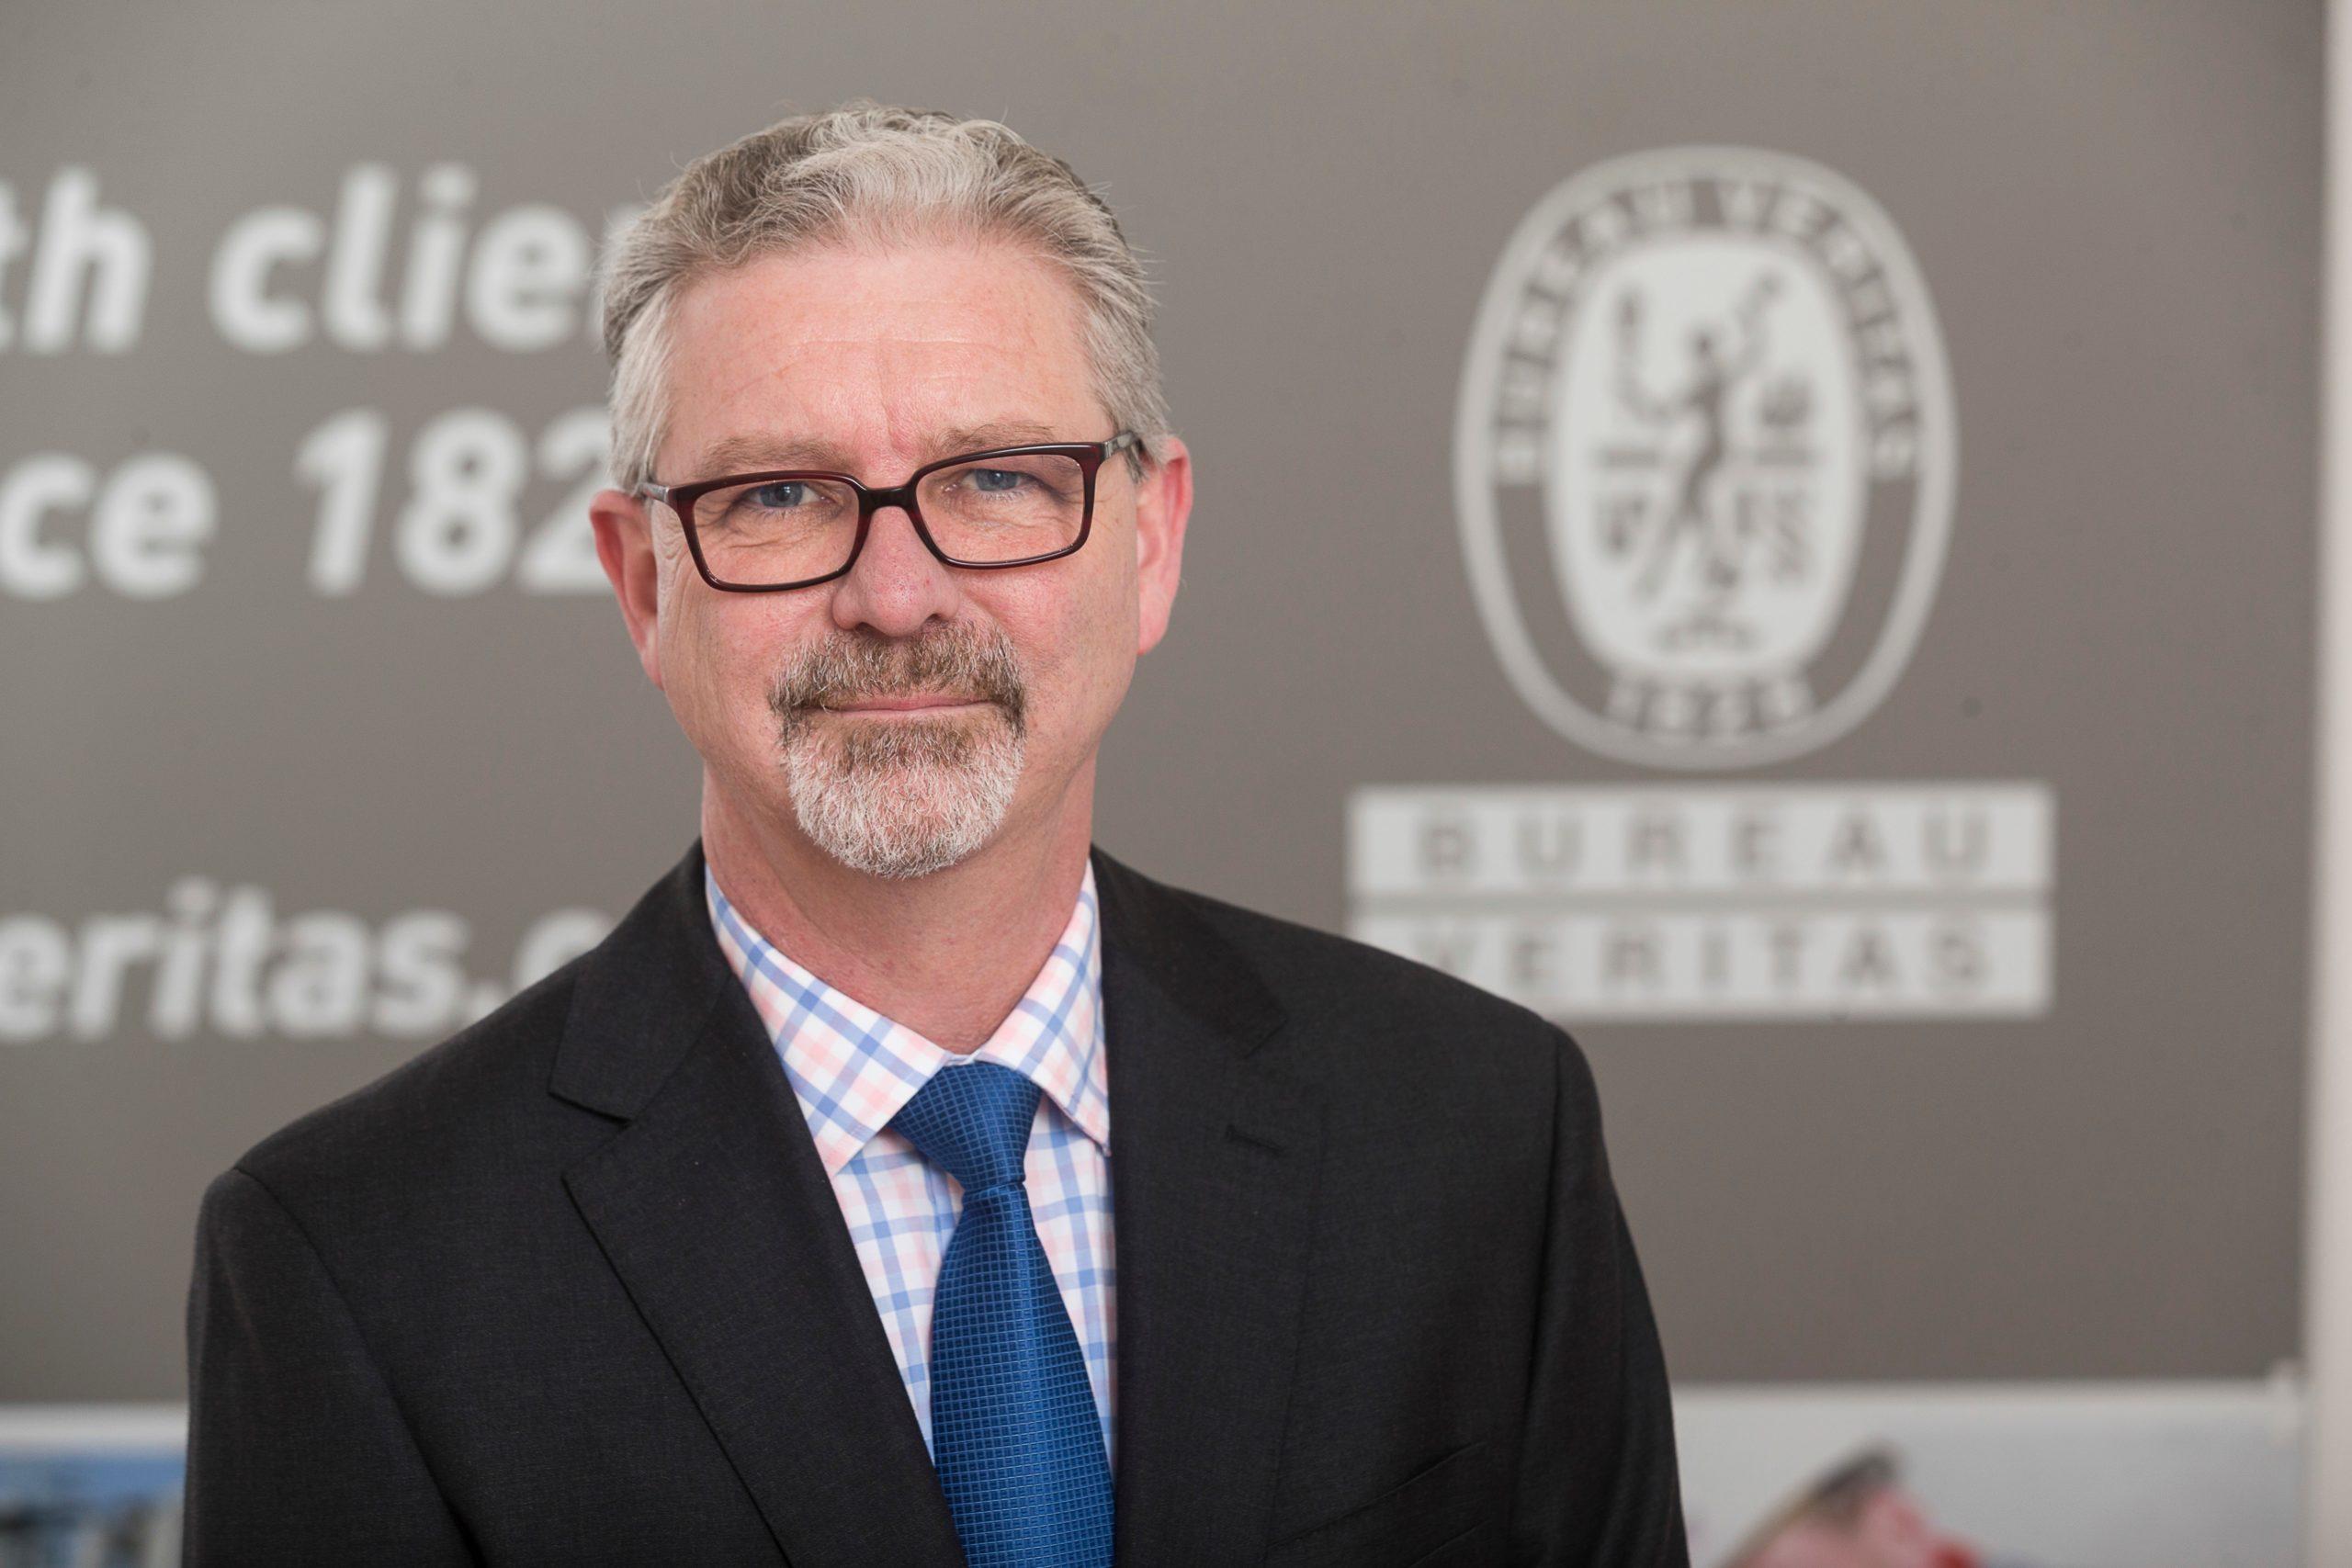 Paul Shrieve of Bureau Veritas